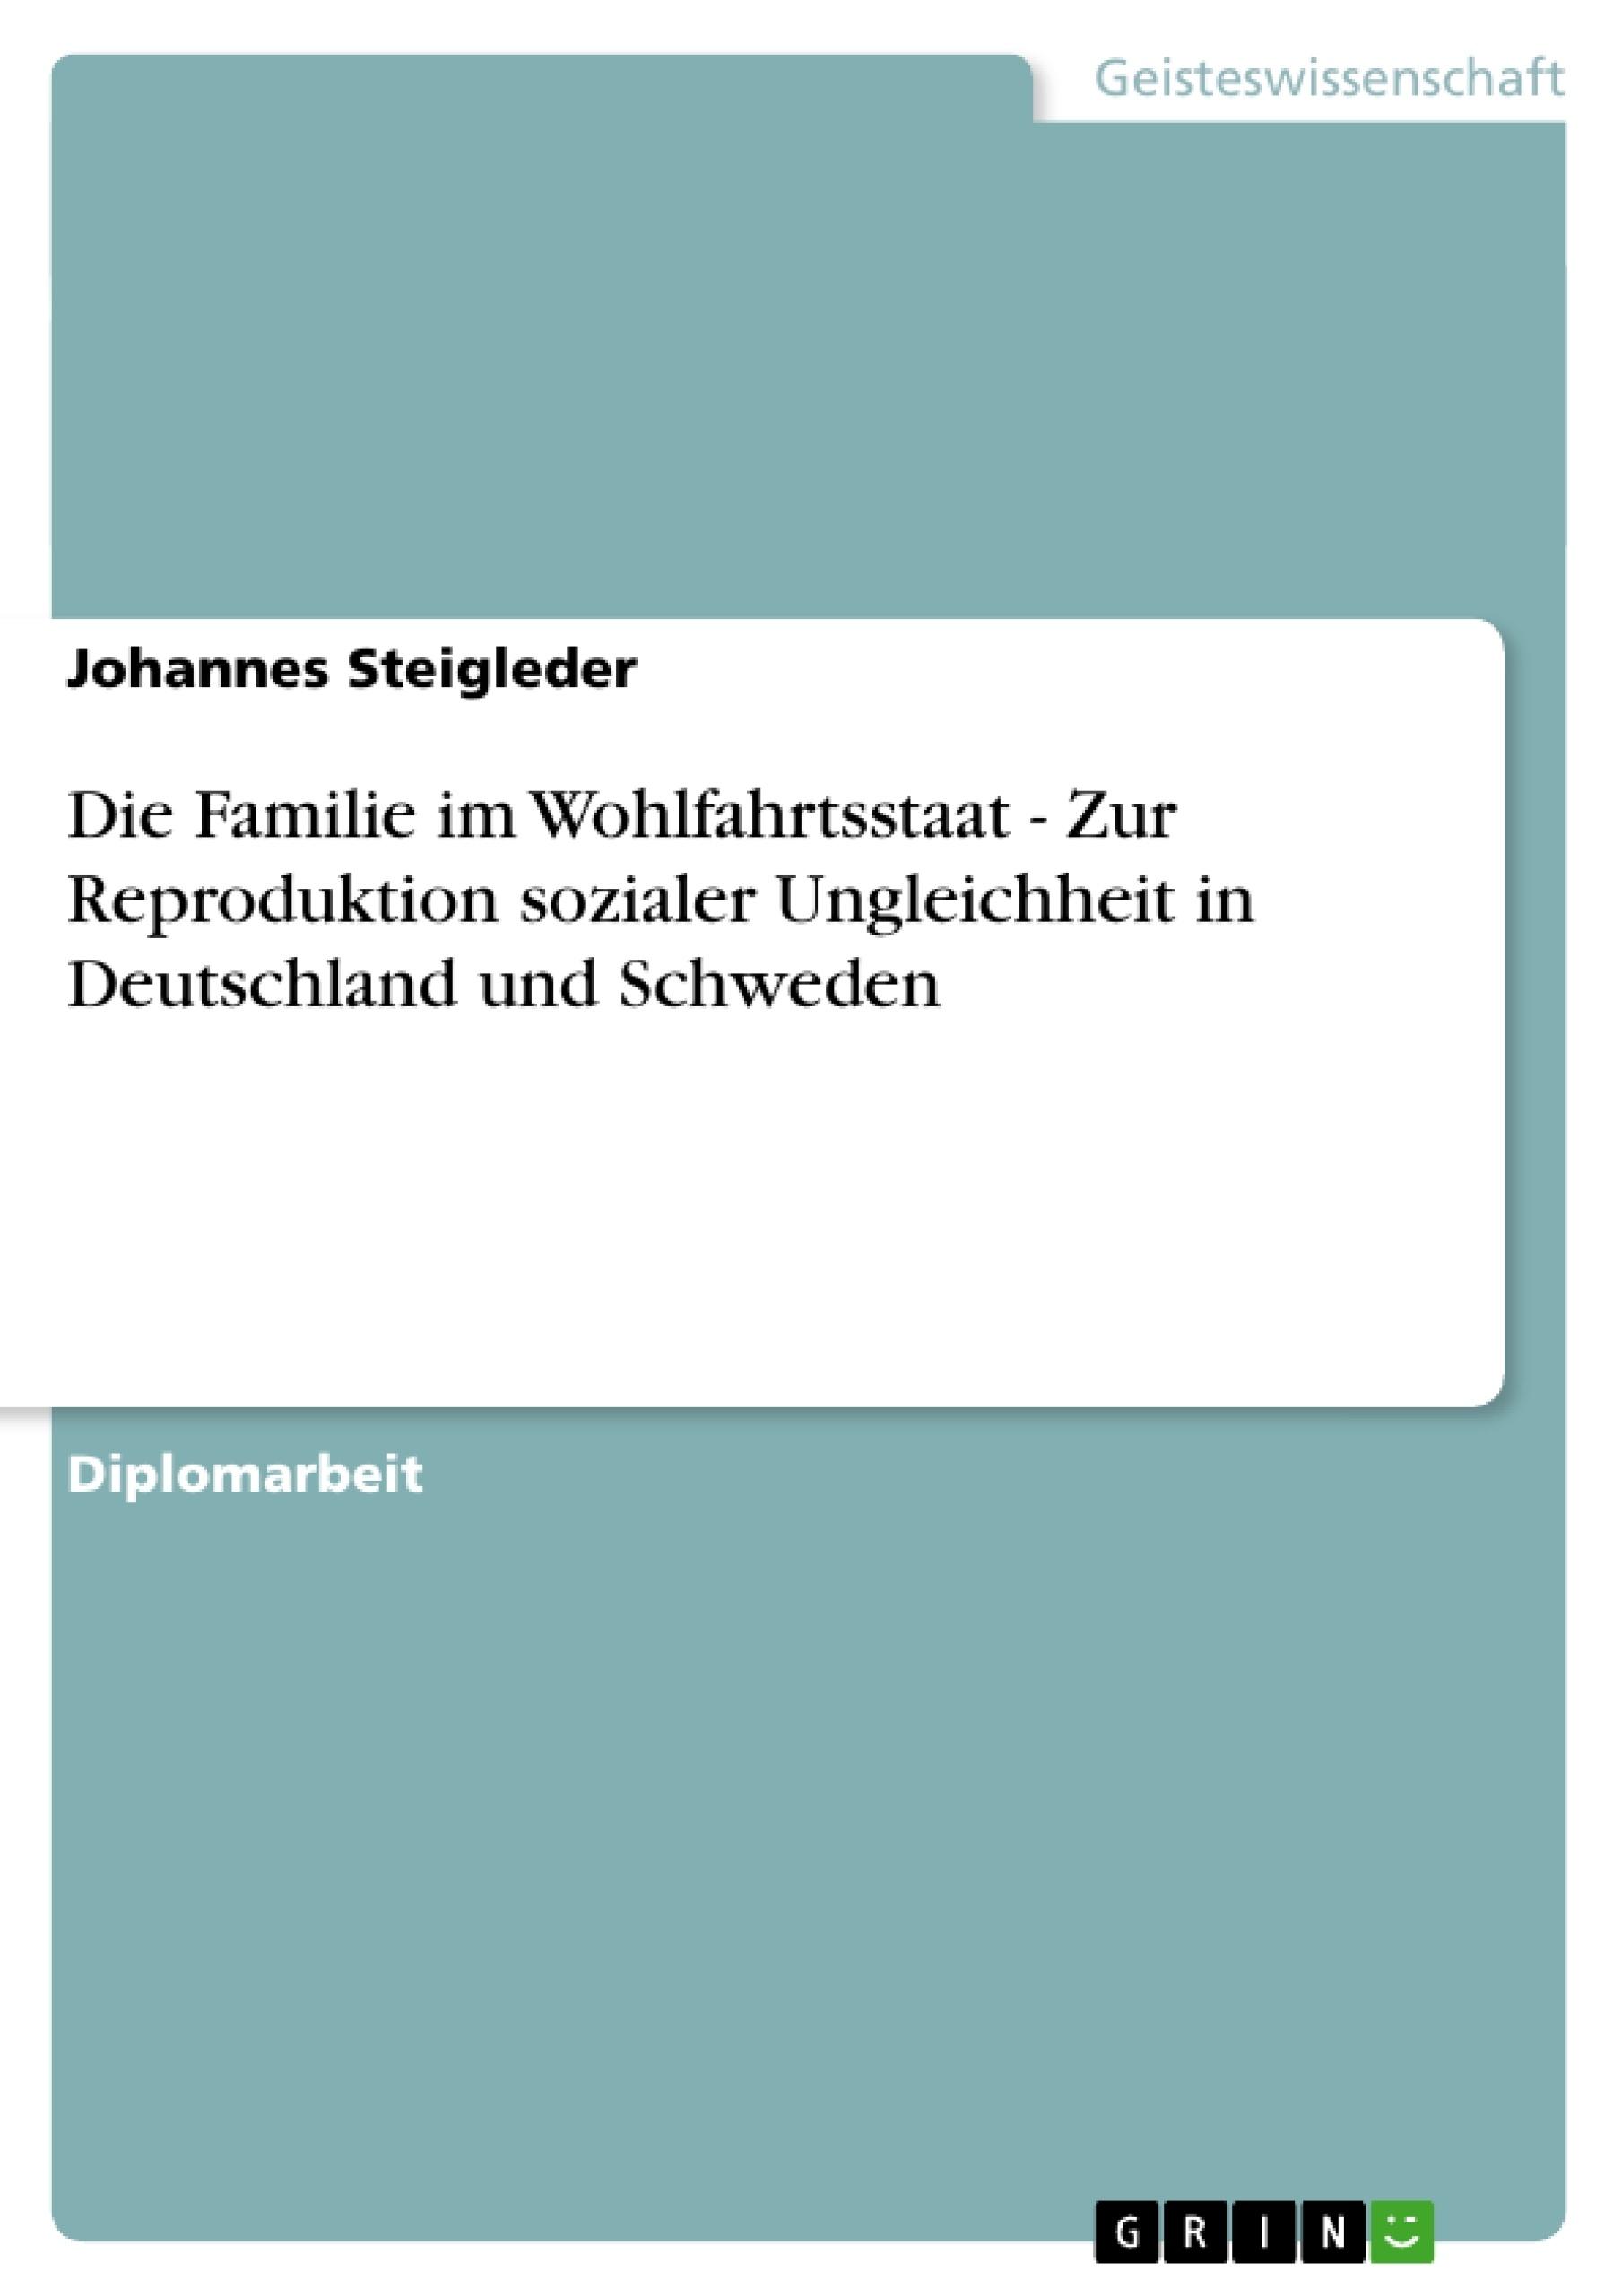 Titel: Die Familie im Wohlfahrtsstaat - Zur Reproduktion sozialer Ungleichheit in Deutschland und Schweden